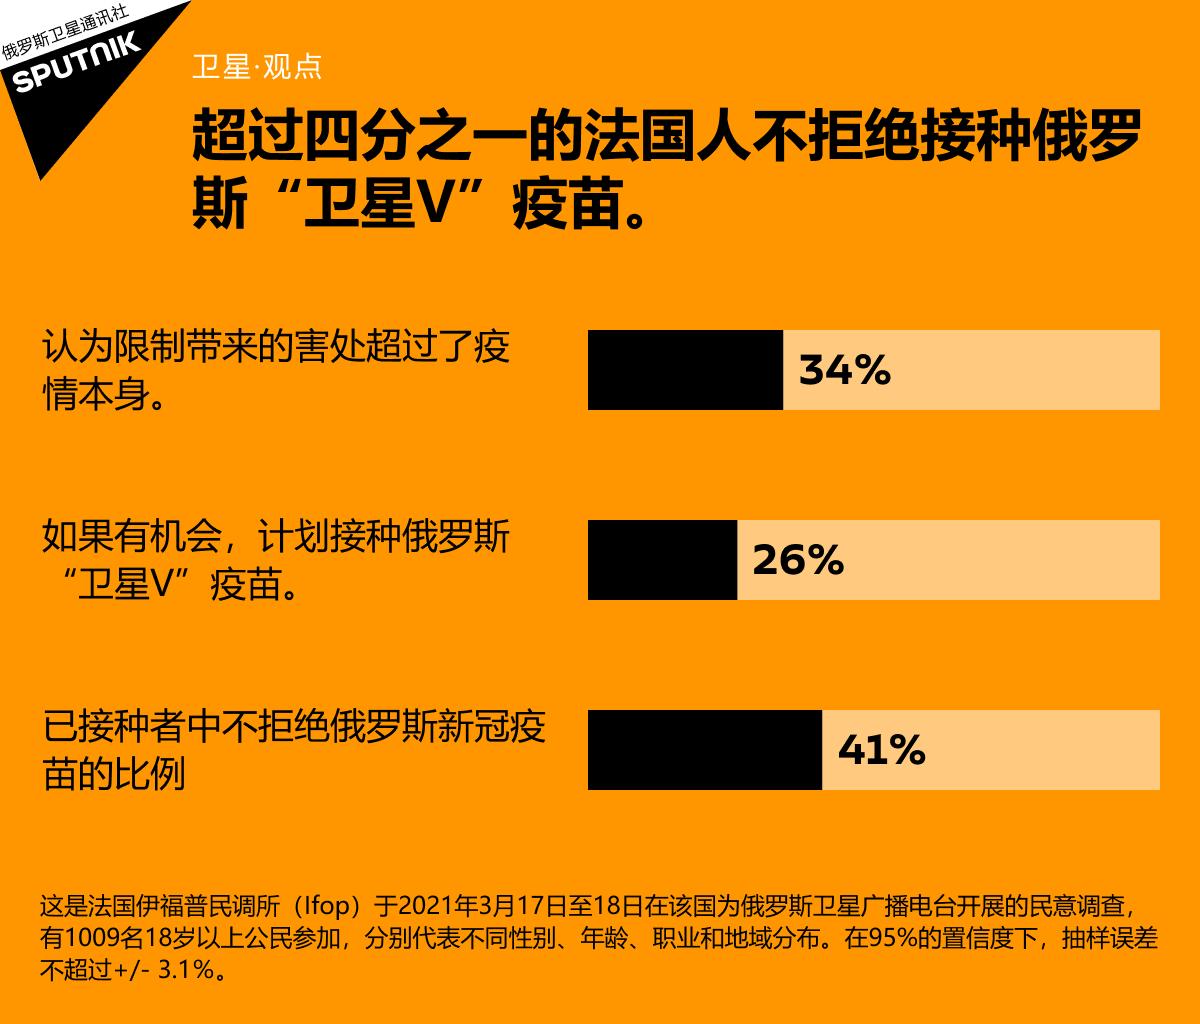 """25%以上的法国人想接种俄罗斯""""卫星V""""疫苗"""